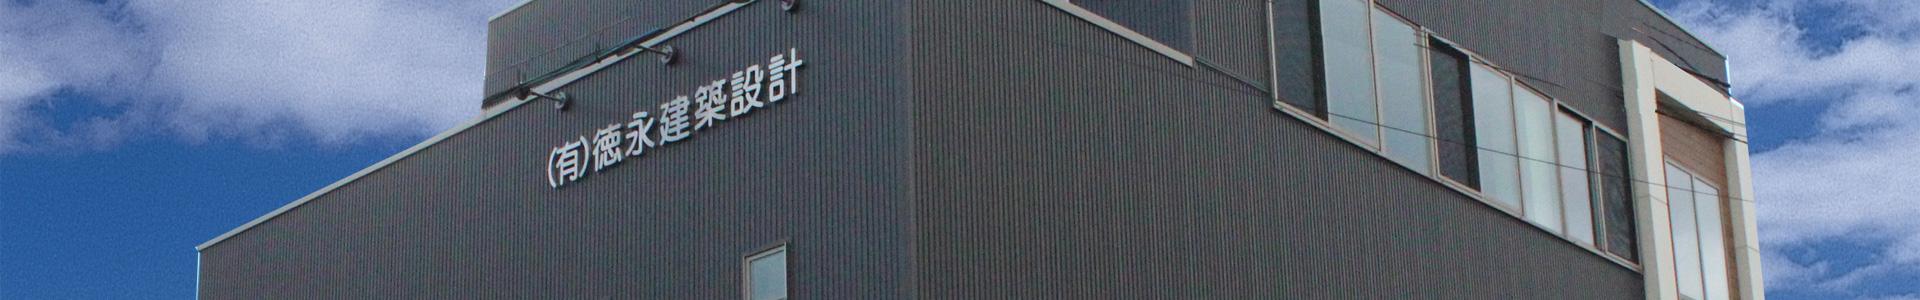 有限会社 徳永建築設計事務所